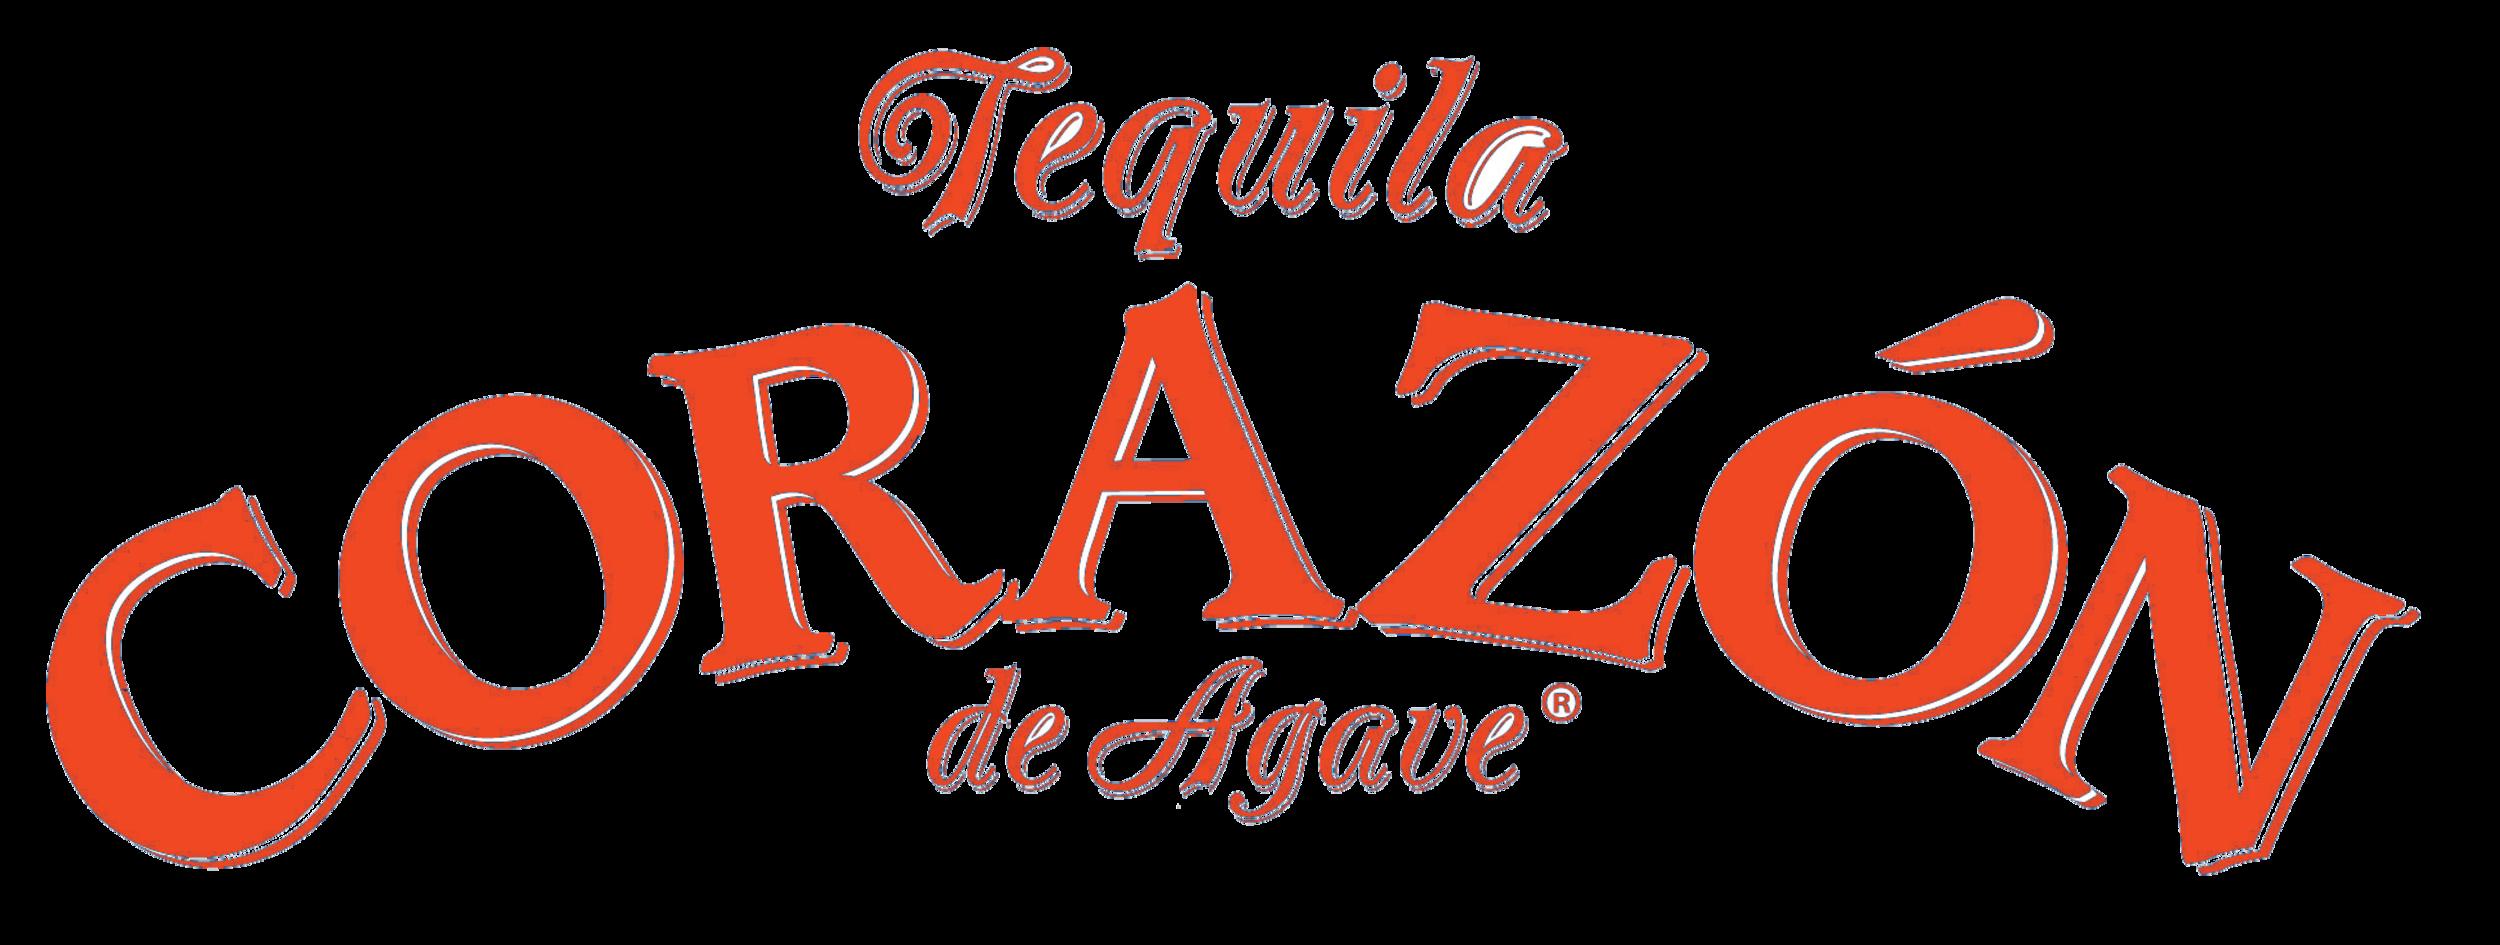 CorazonFullLogo4c.png